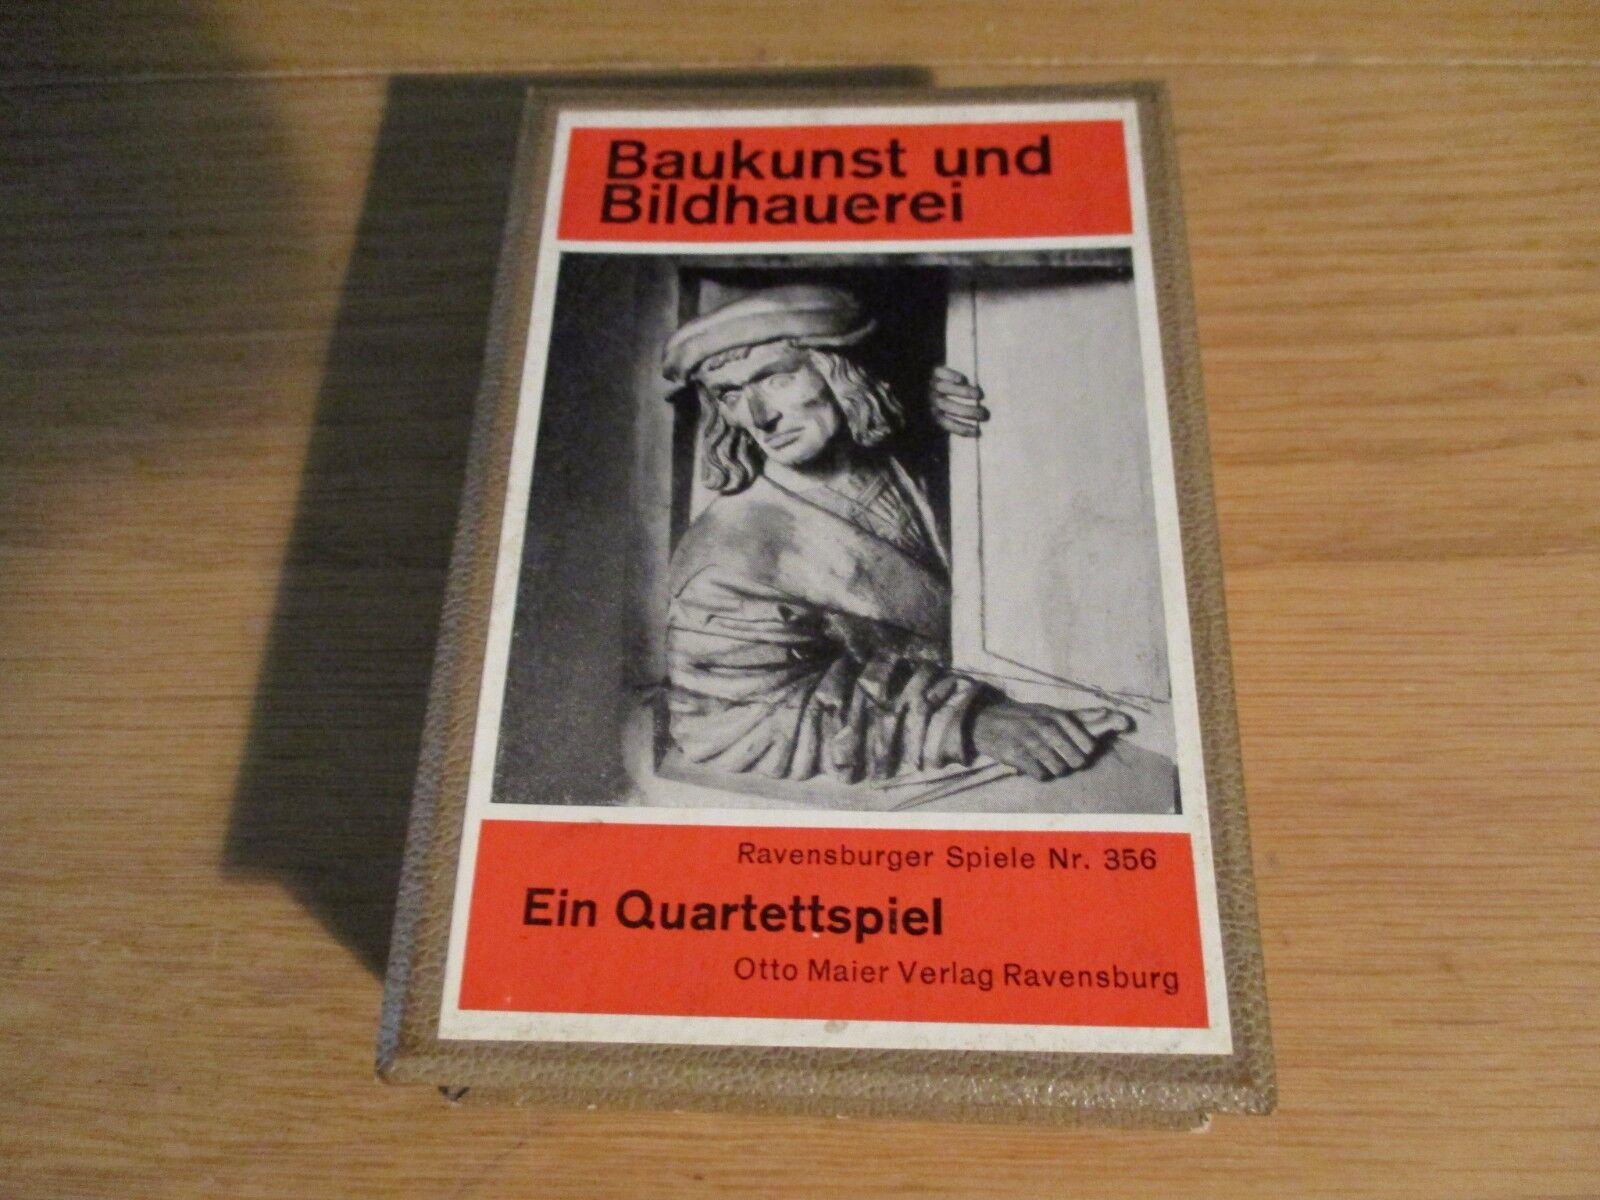 Ravensburger Spiele -  Baukunst und Bildhauerei - Quartett nr. 356  | Mangelware